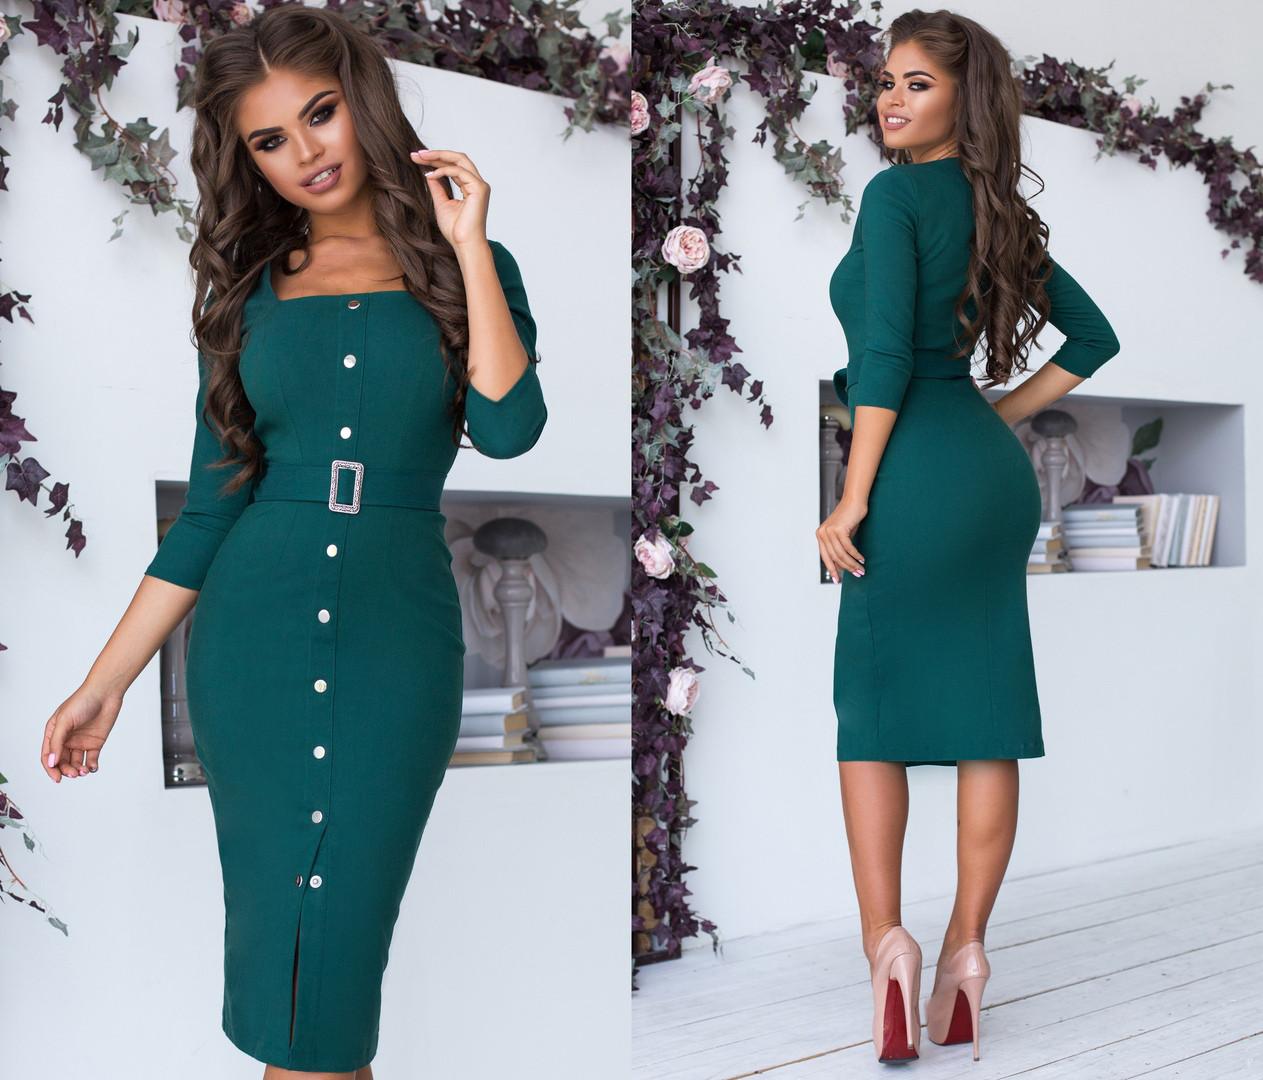 Женское облегающее платье миди на кнопках с декольте,с длинным рукавом. Размеры: 42-44, 44-46, 46-48 . + Цвета